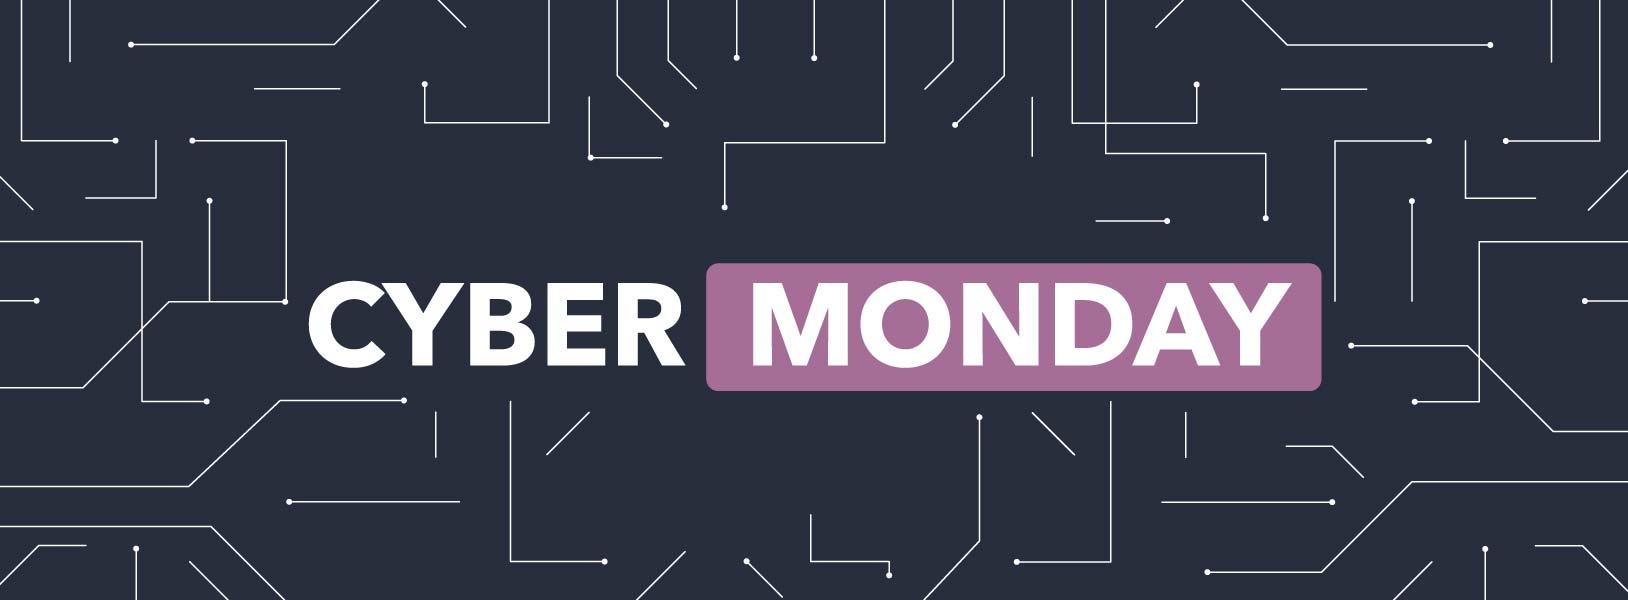 Cyber Monday: il miglior lunedì dell'anno